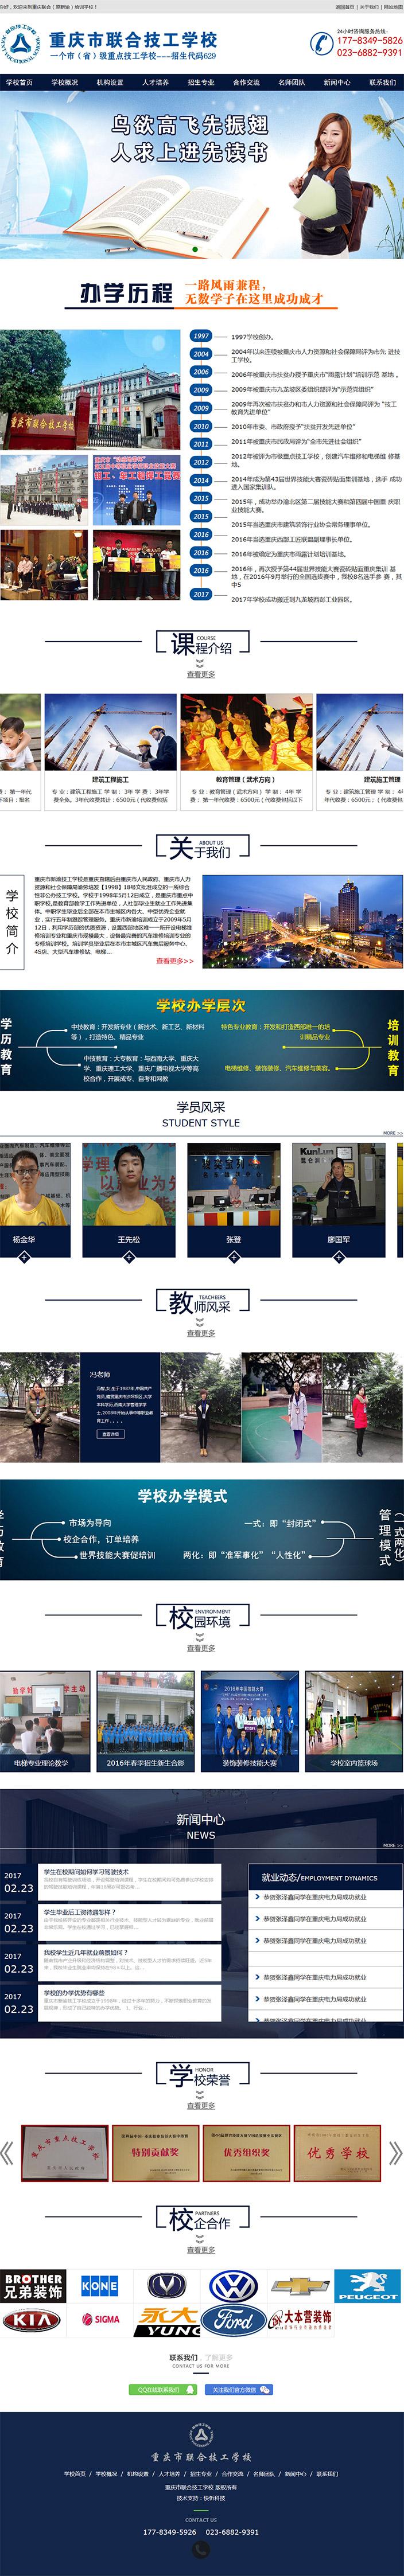 重庆联合技工学校学历站